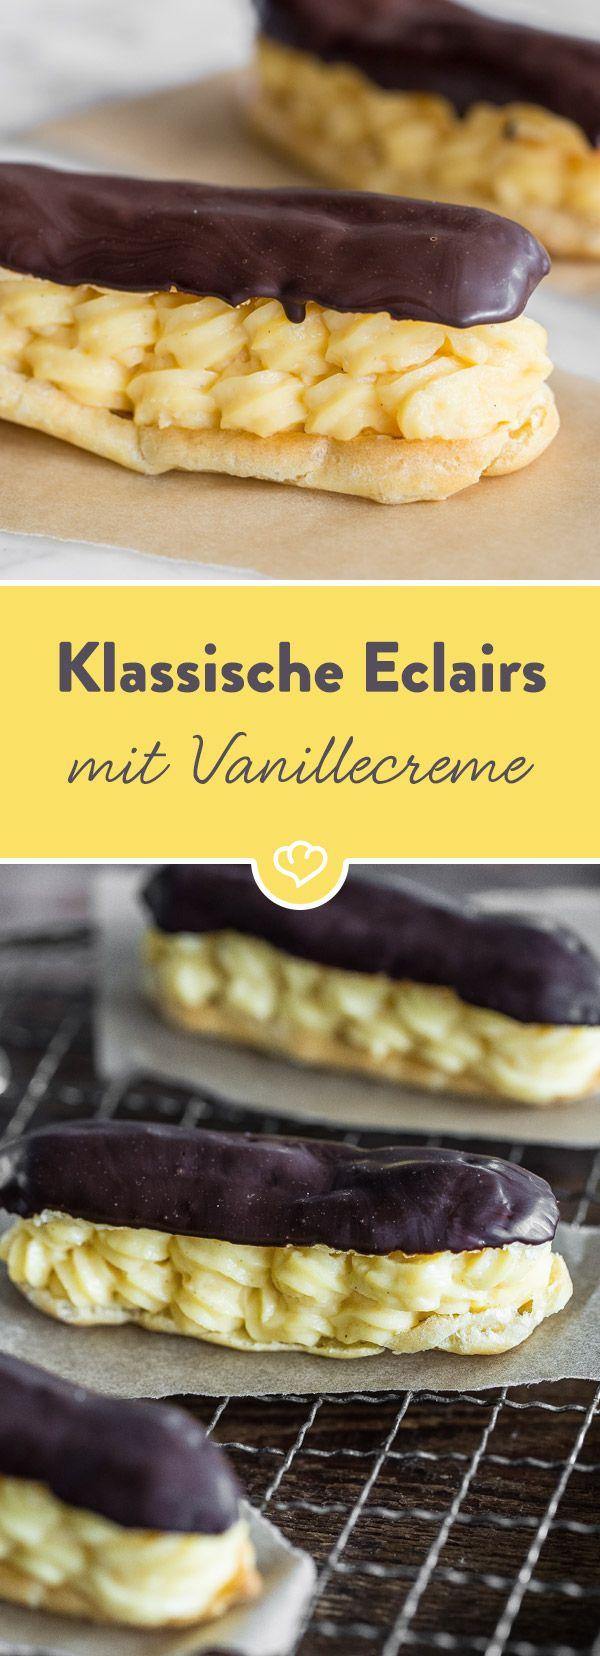 Original französische Eclairs mit Vanillecreme #cakesandcheesecakes